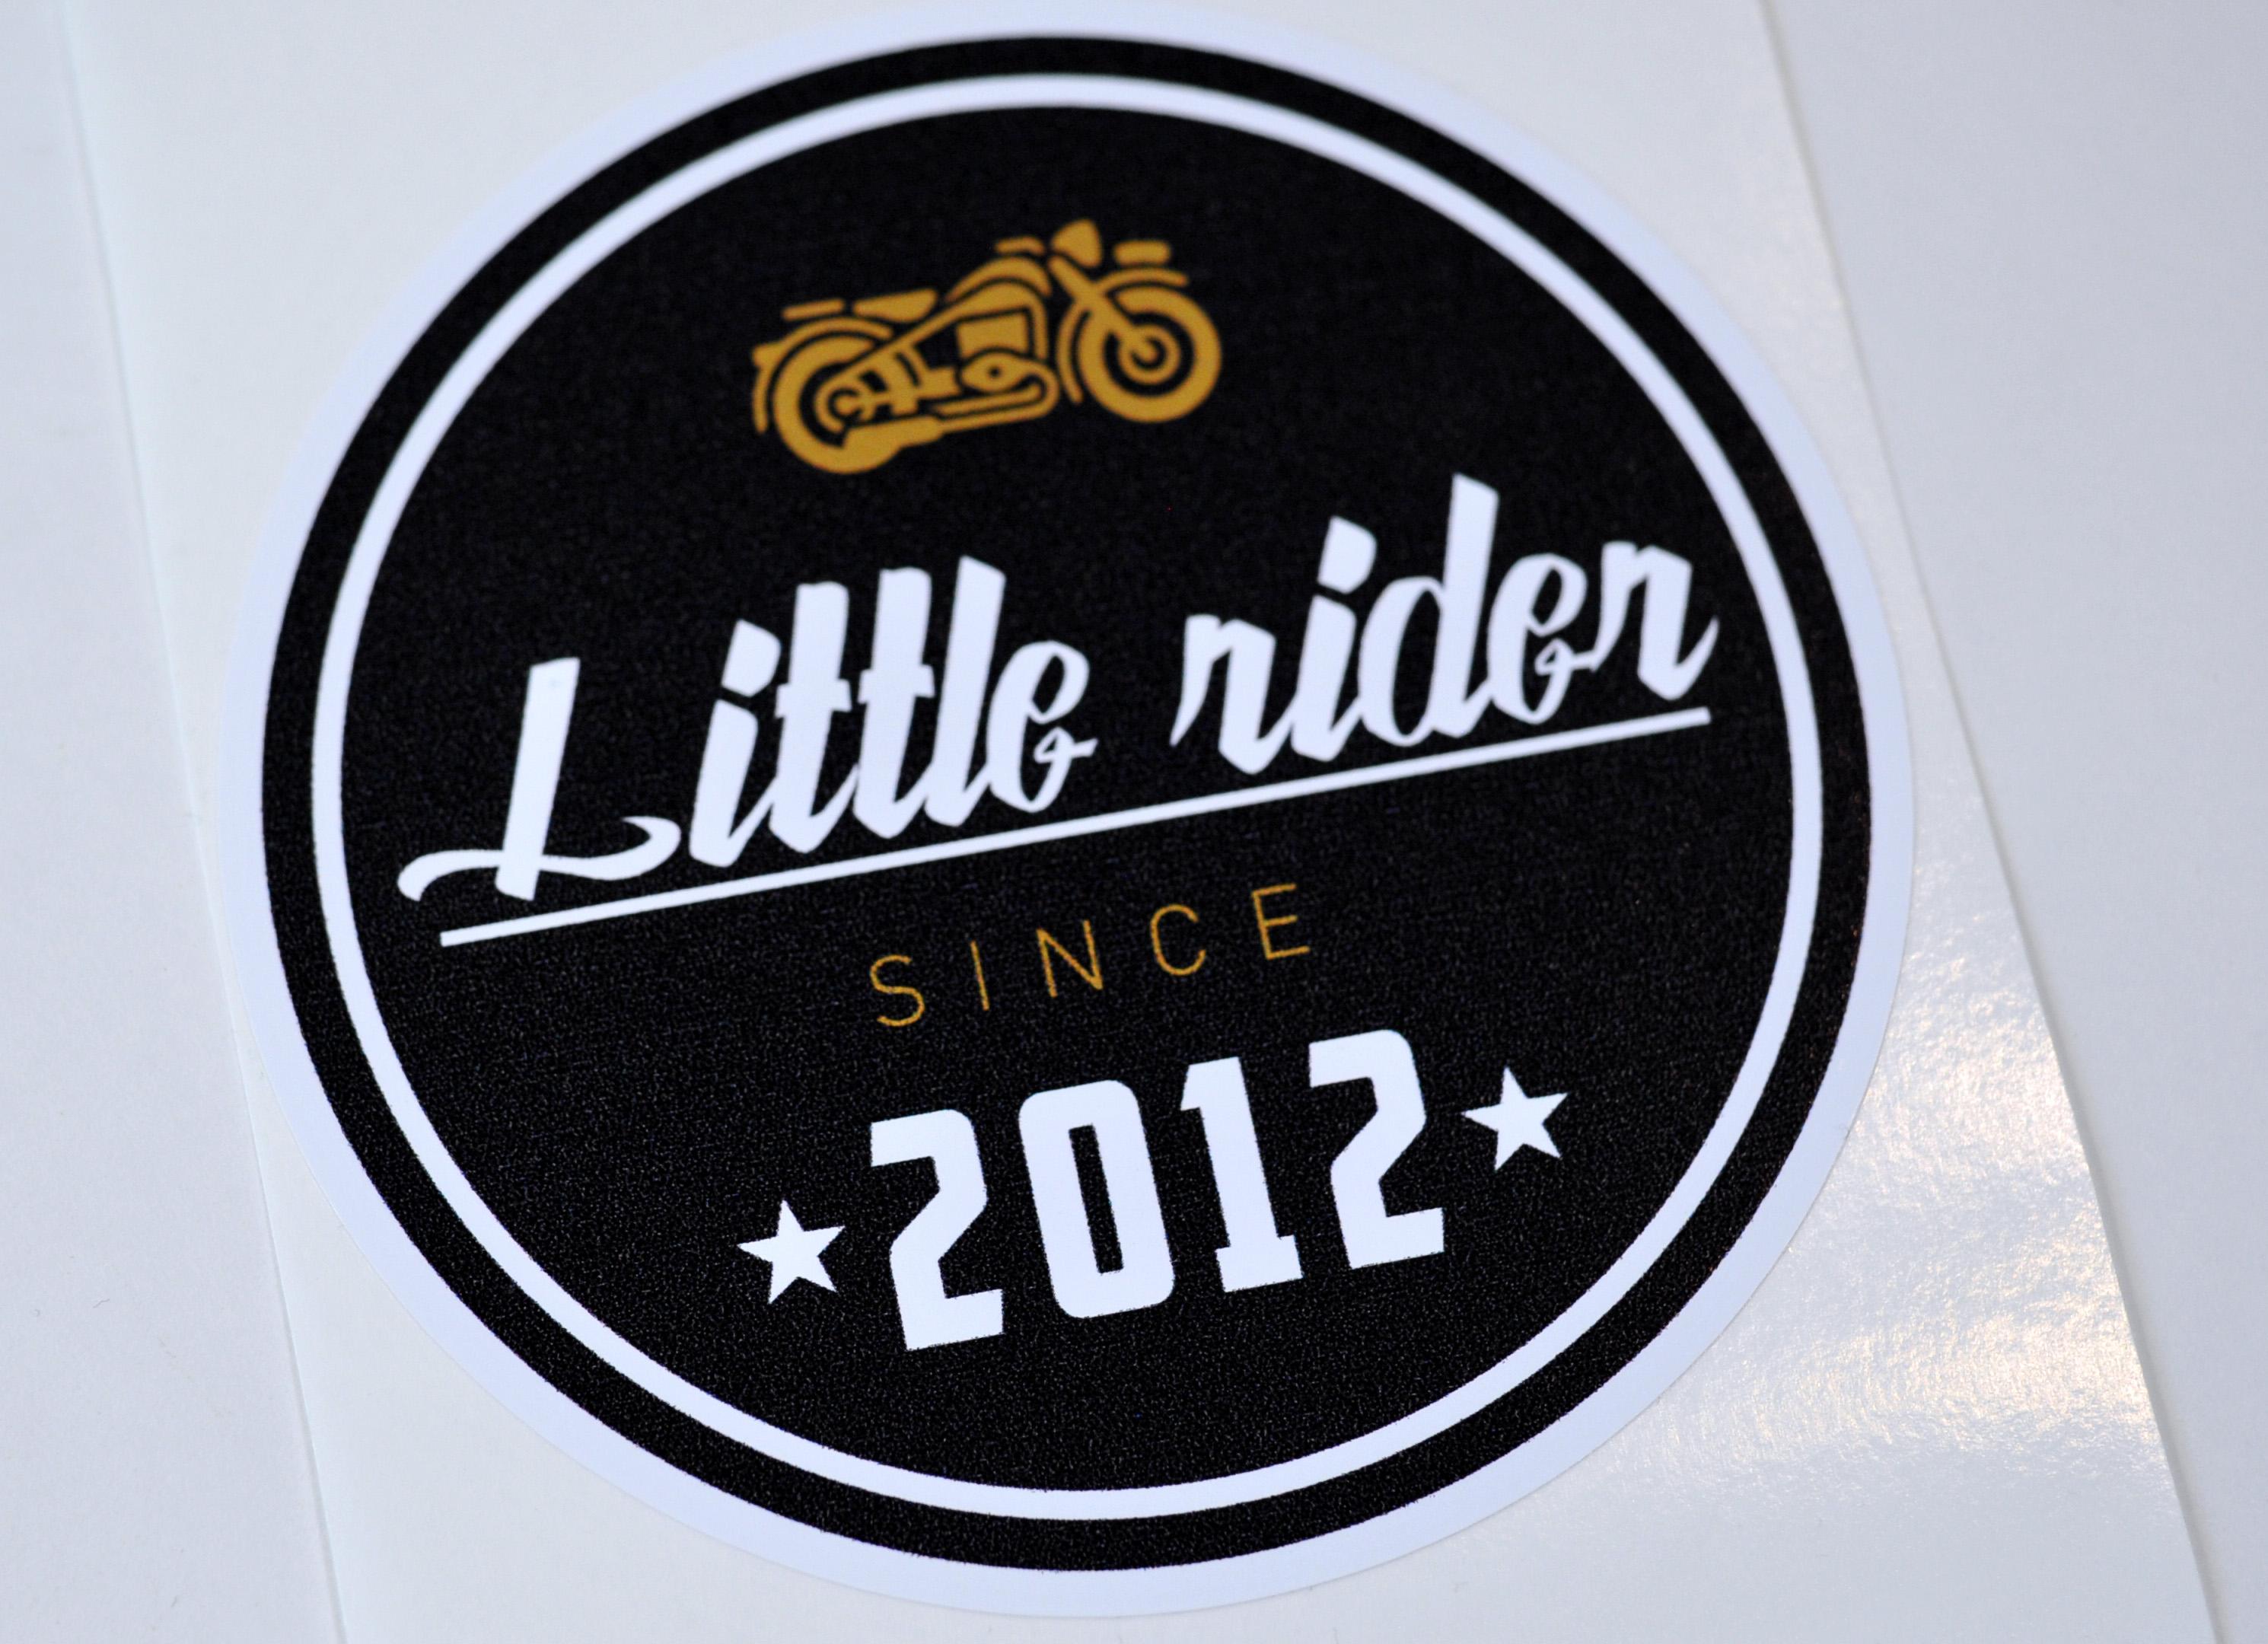 Little_rider